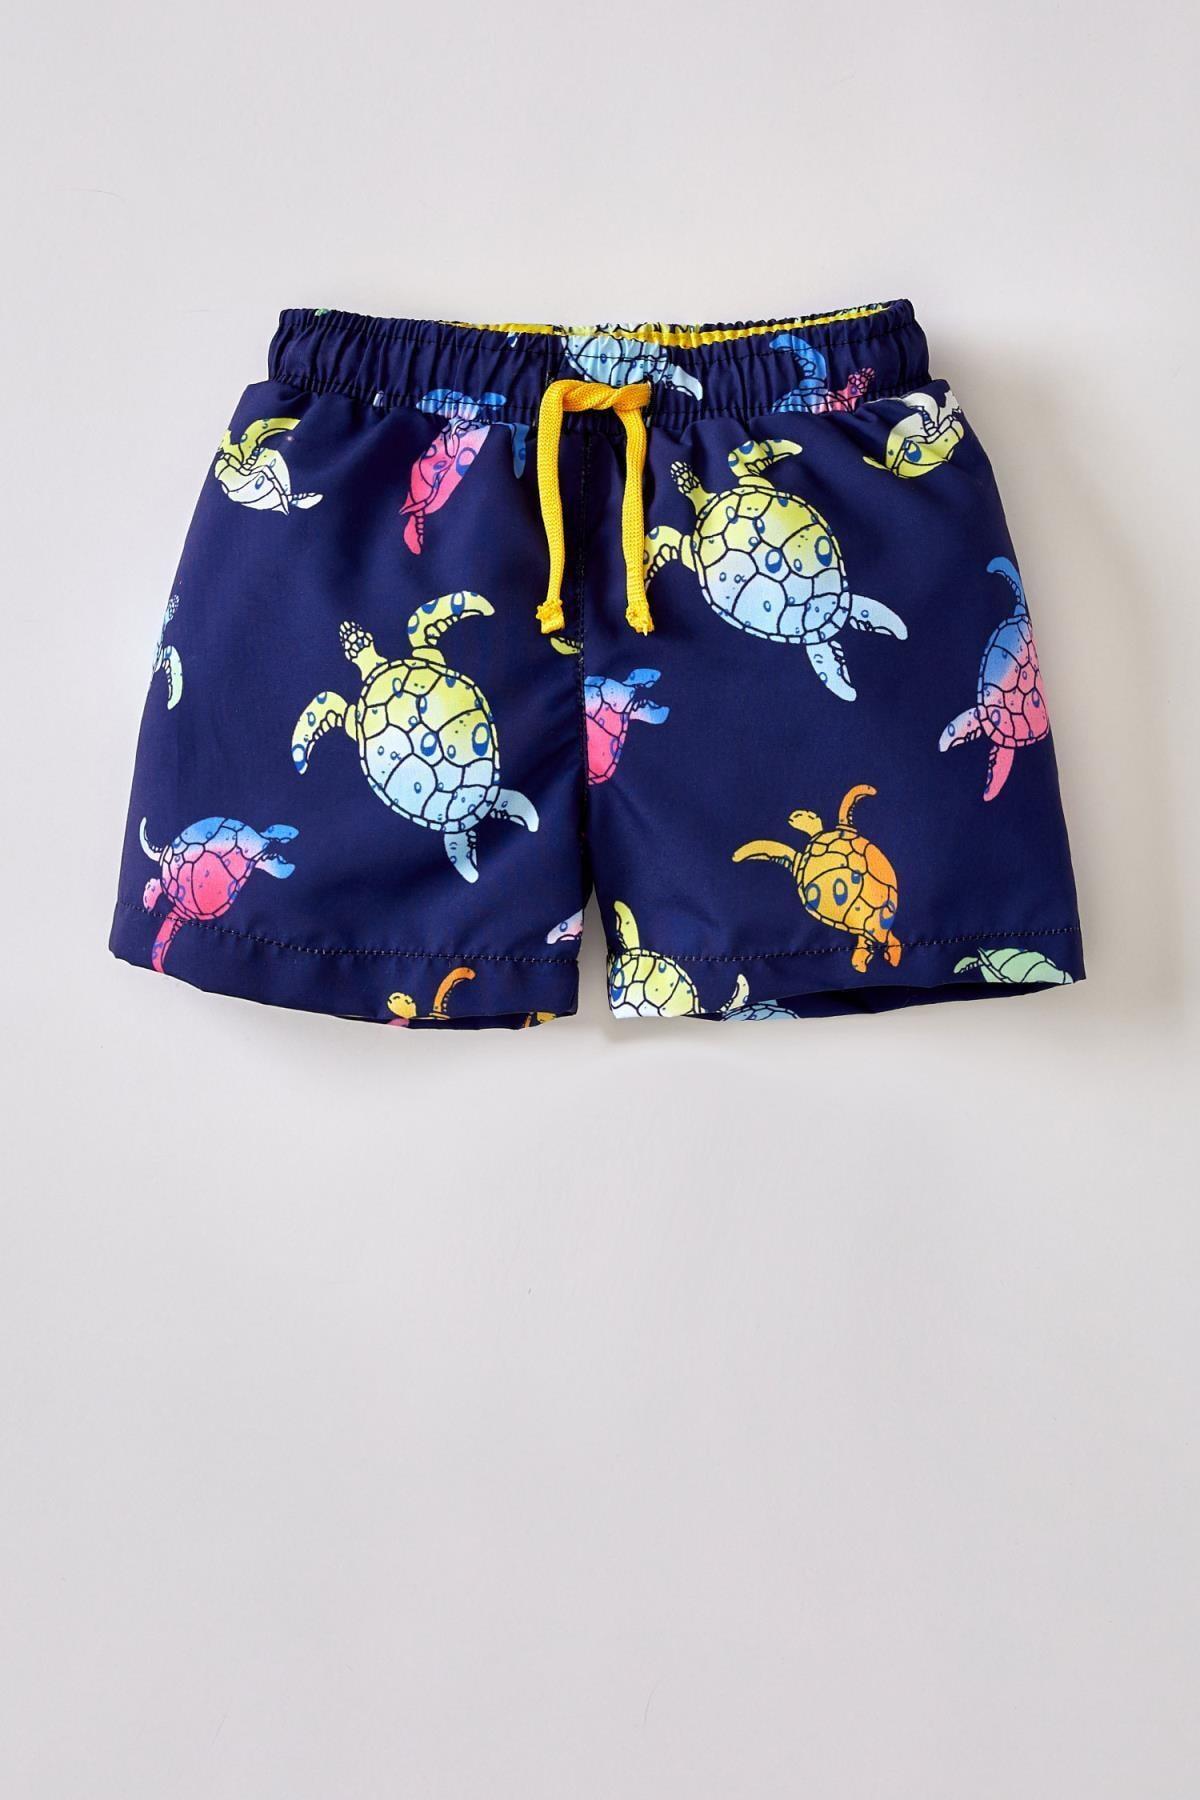 مایو دیفکتو پسرانه بچگانه طرح لاکپشت آبی    Defacto